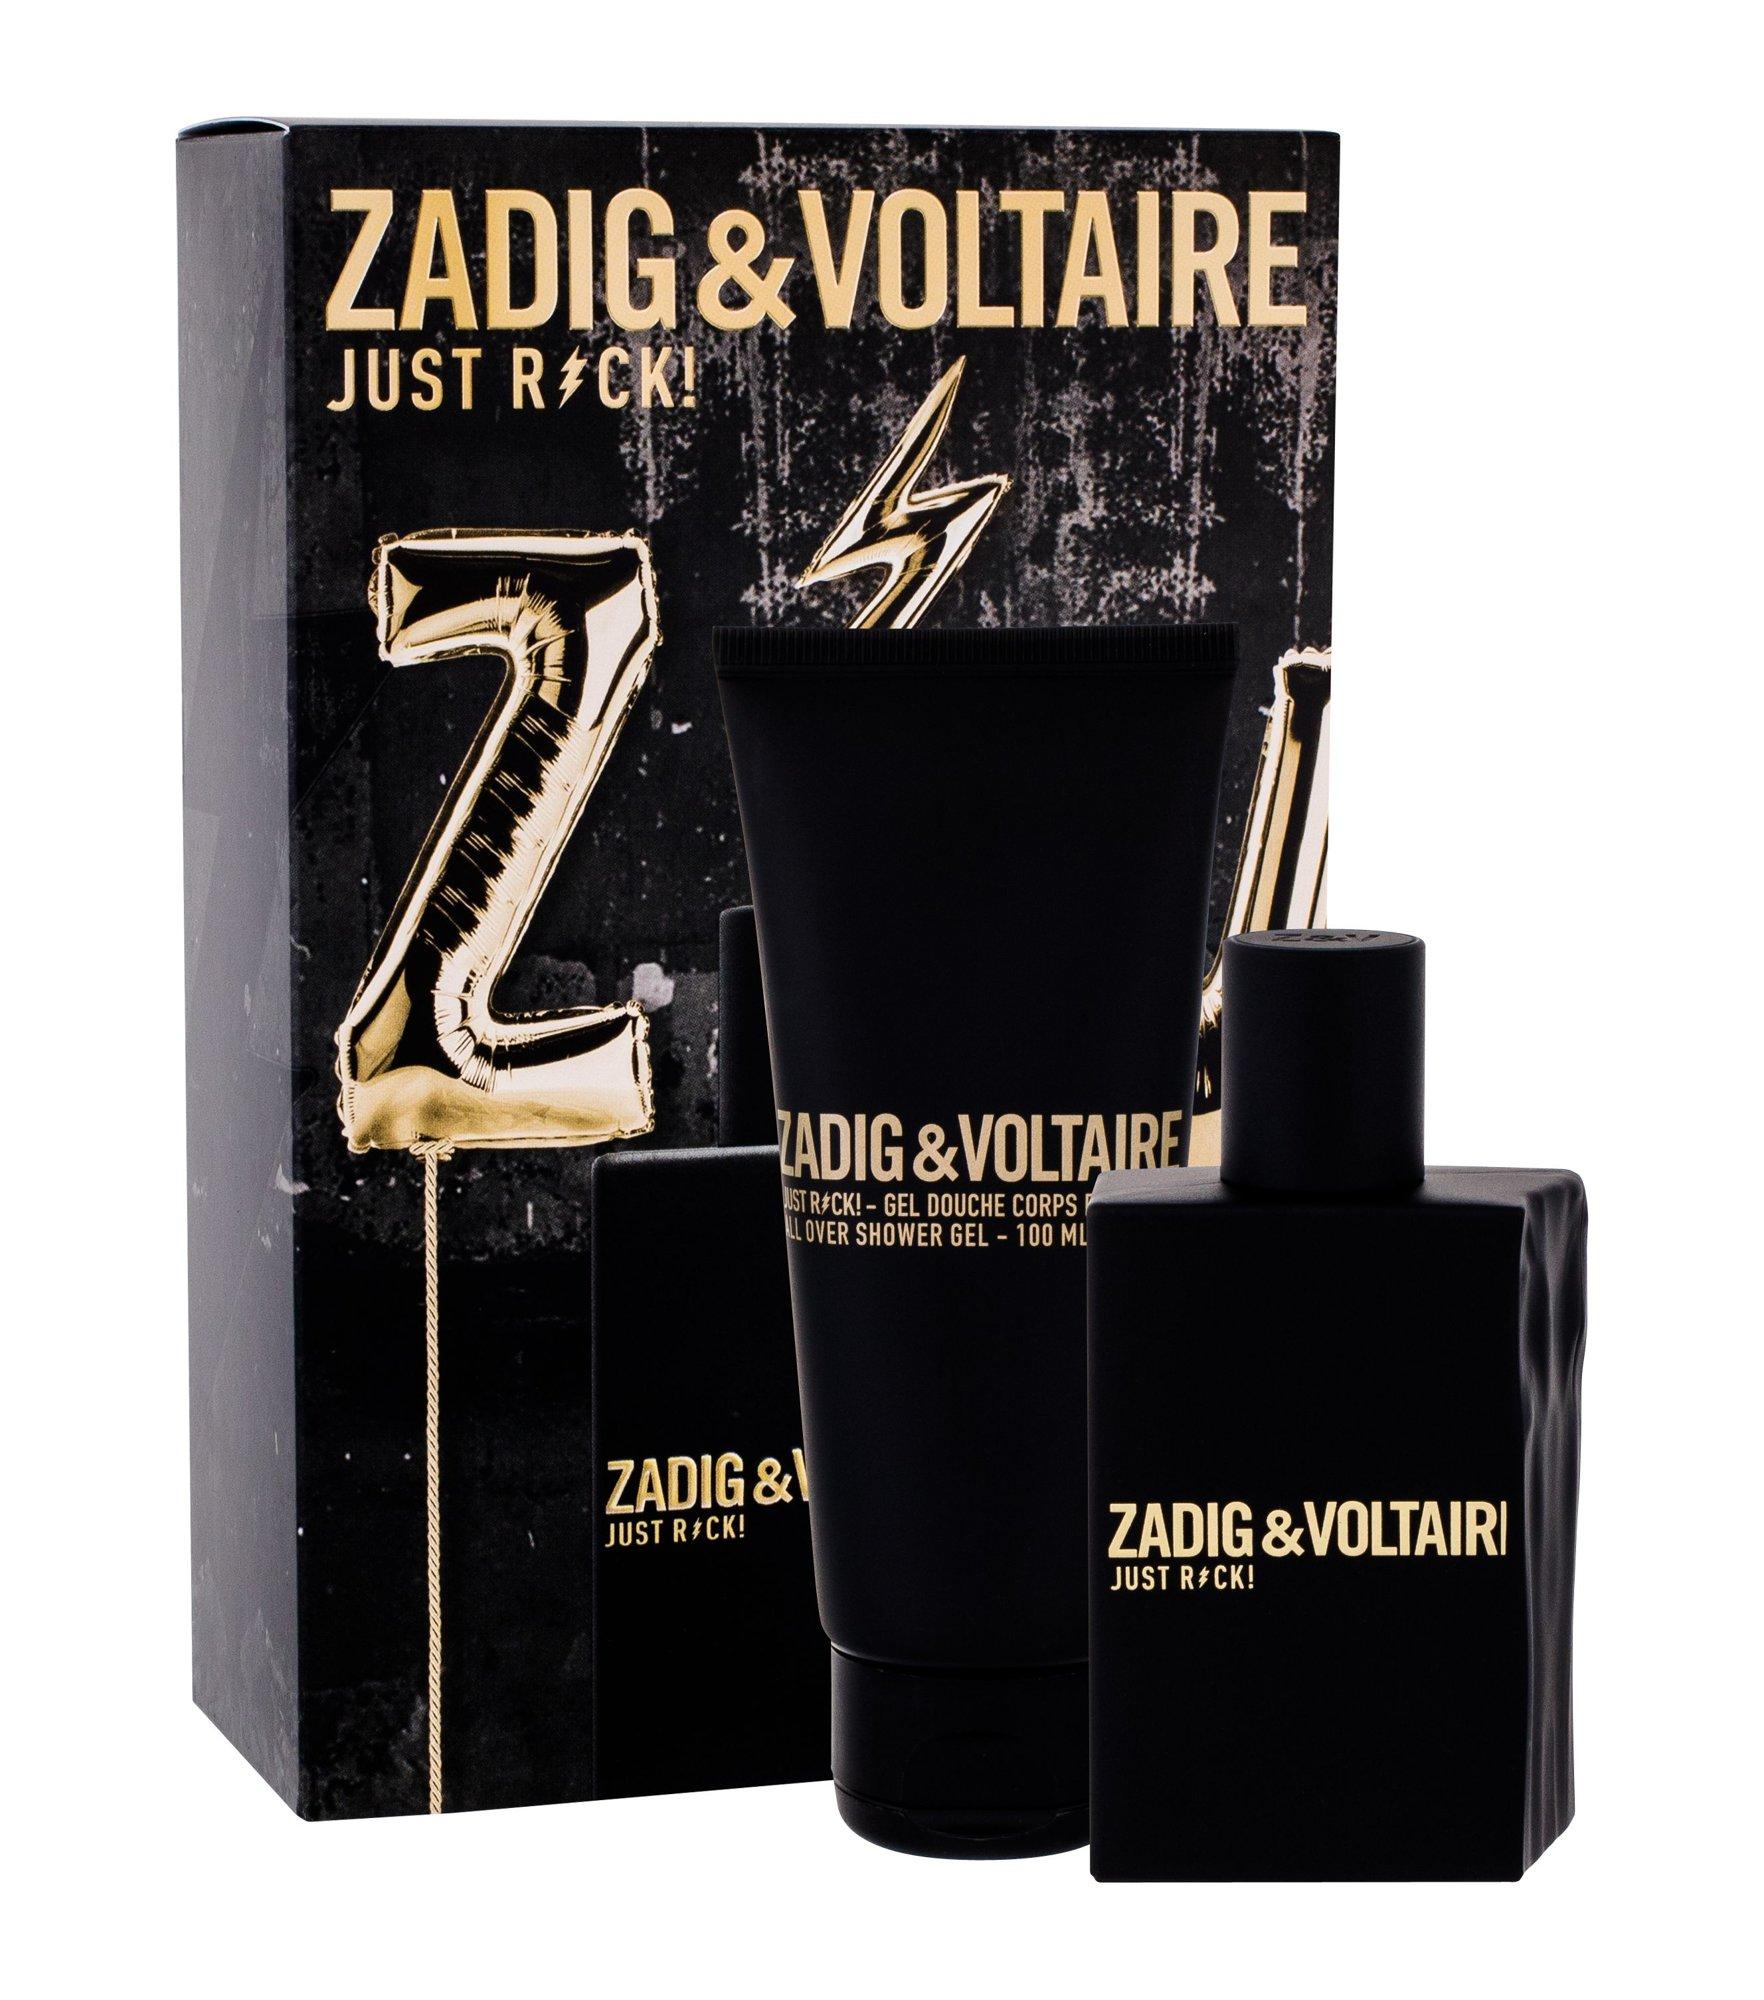 Zadig & Voltaire Just Rock! Eau de Toilette 50ml